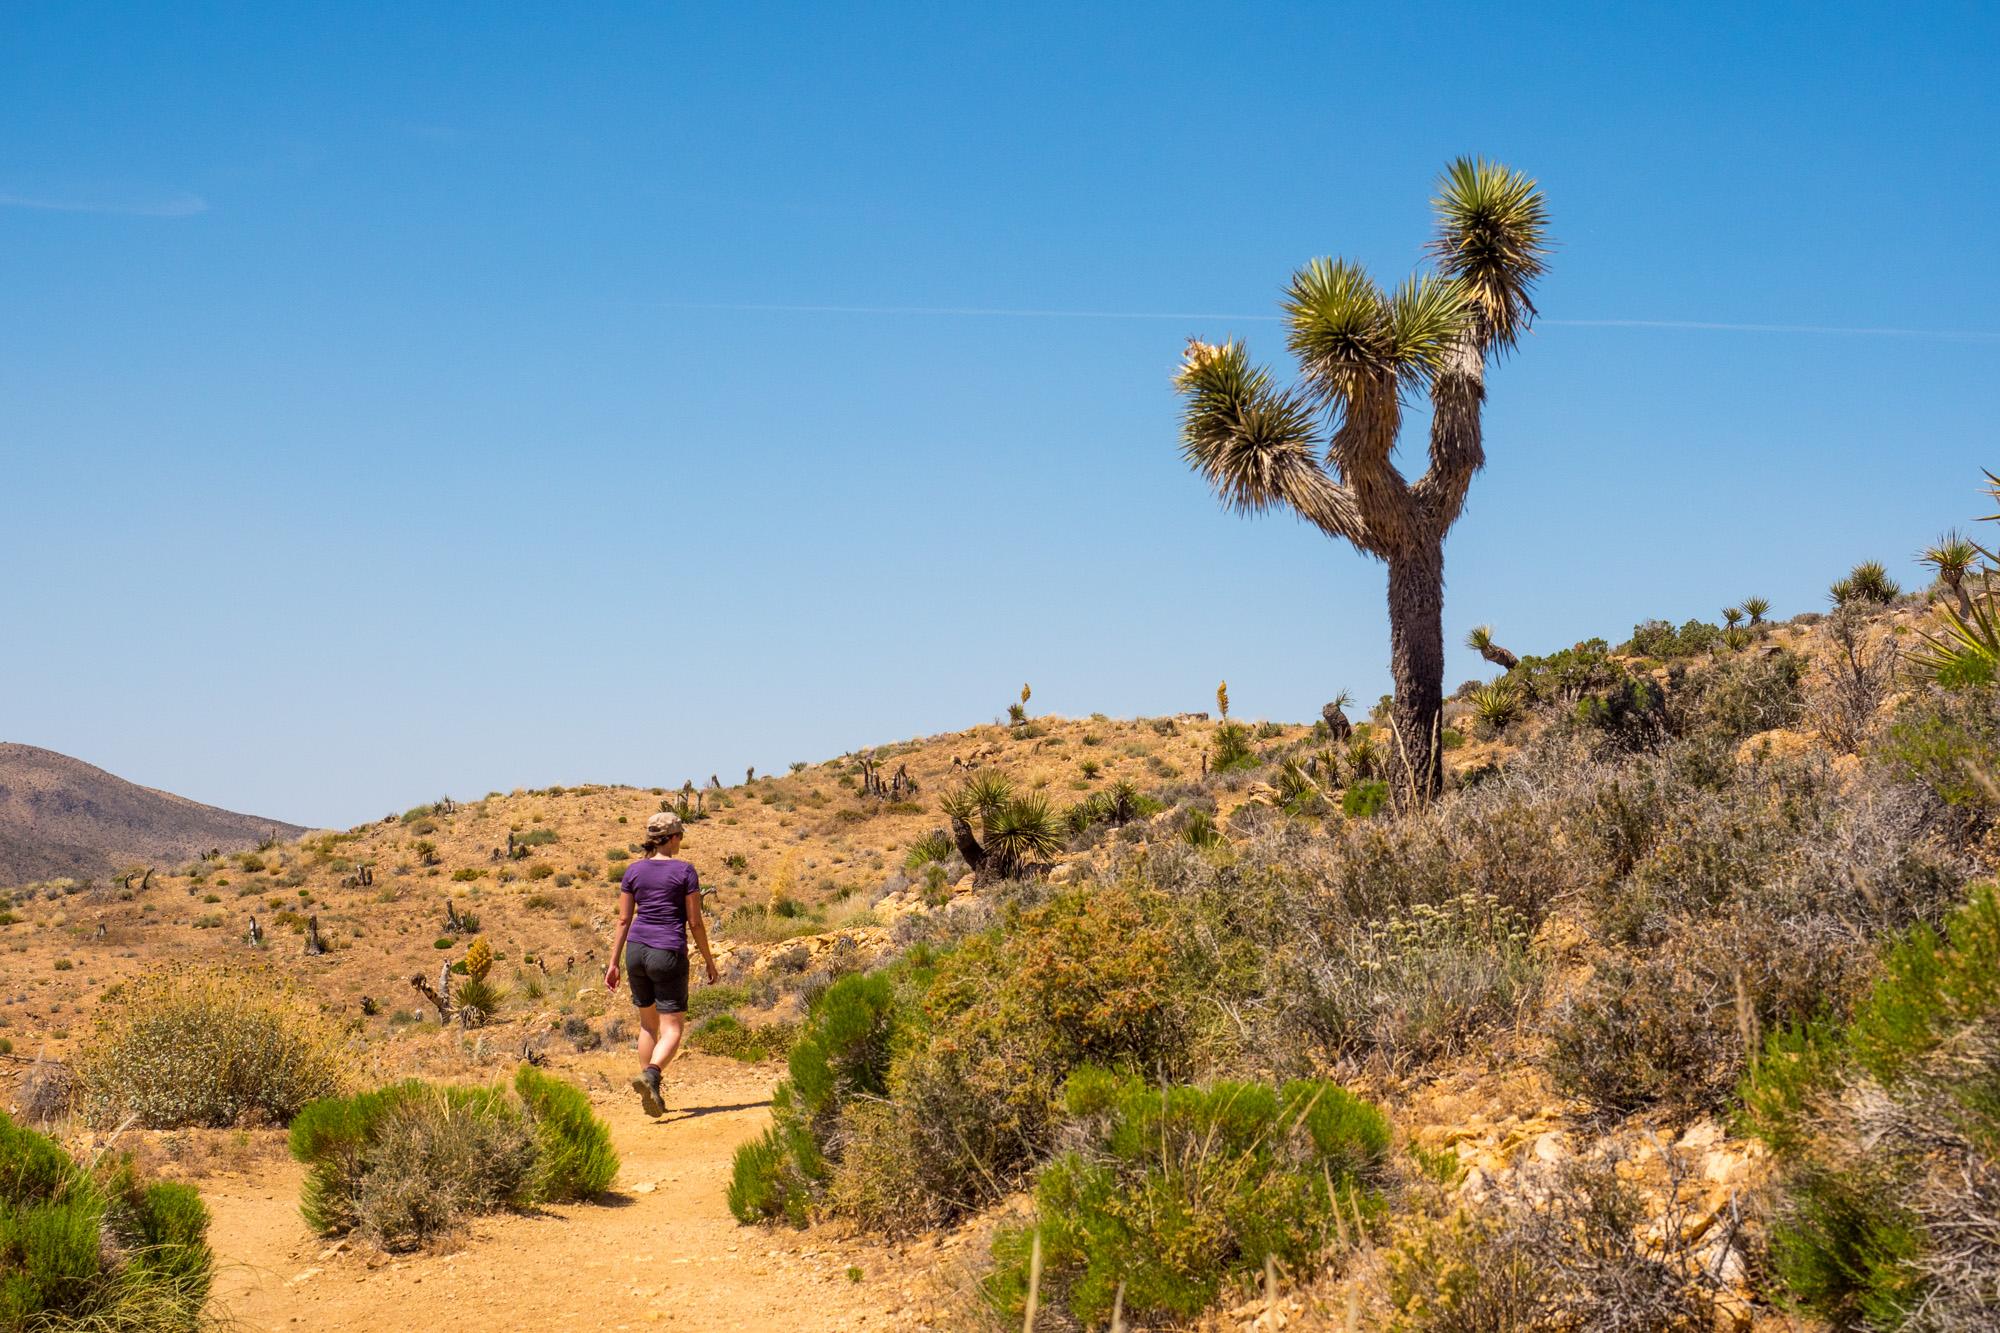 Joshua Tree Nationalpark - Wanderung zur Lost Horse Mine